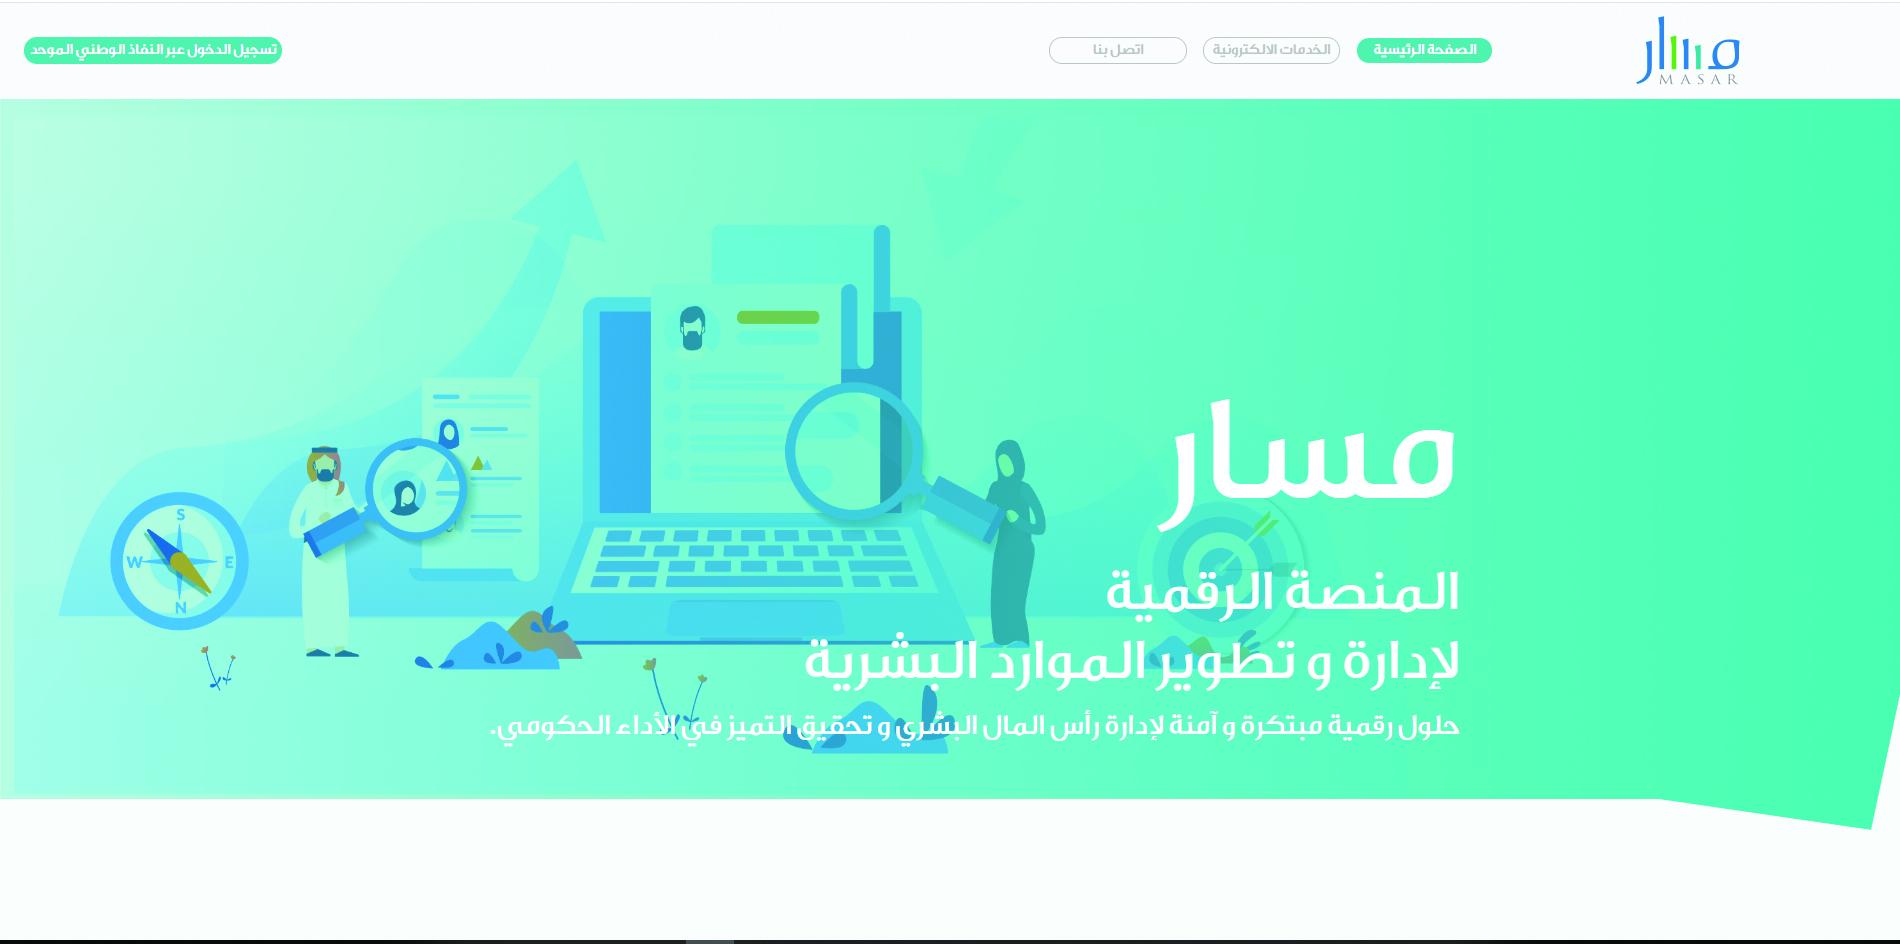 مجلة التنمية الإدارية منصة مسار لإدارة وتطوير الموارد البشرية أداء حكومي متميز